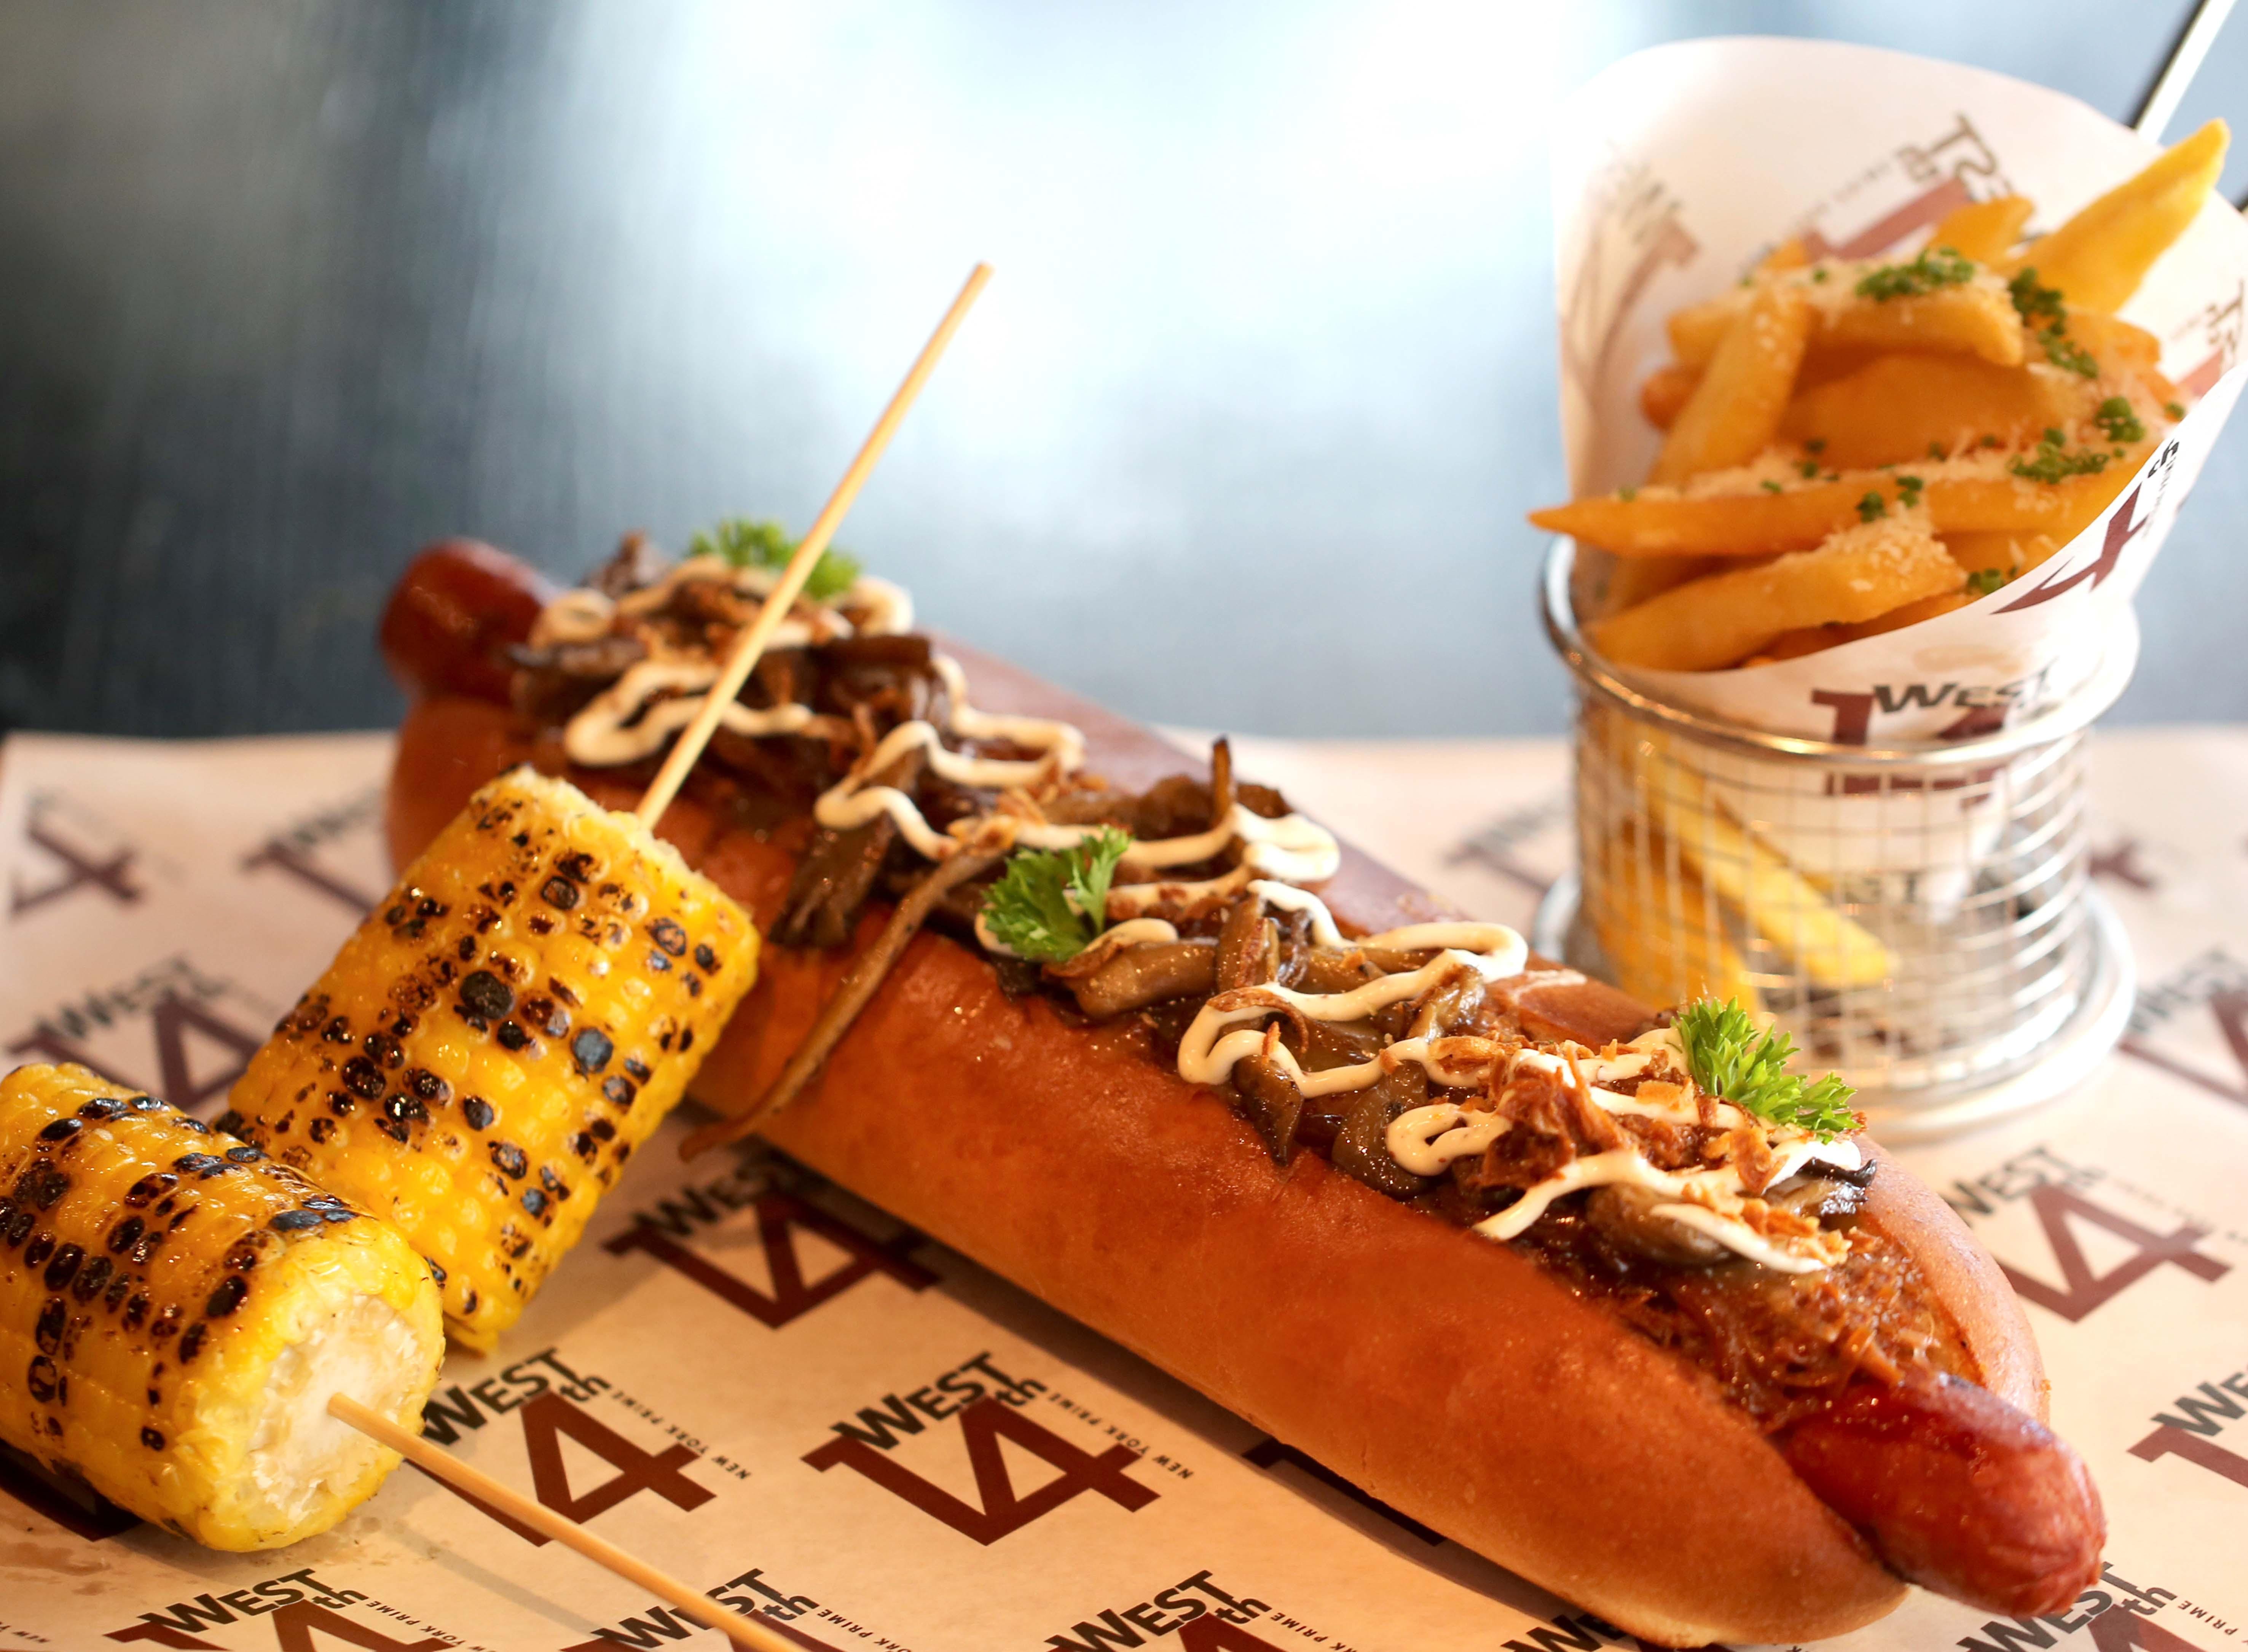 Smoked Rib Hot Dog at West 14th